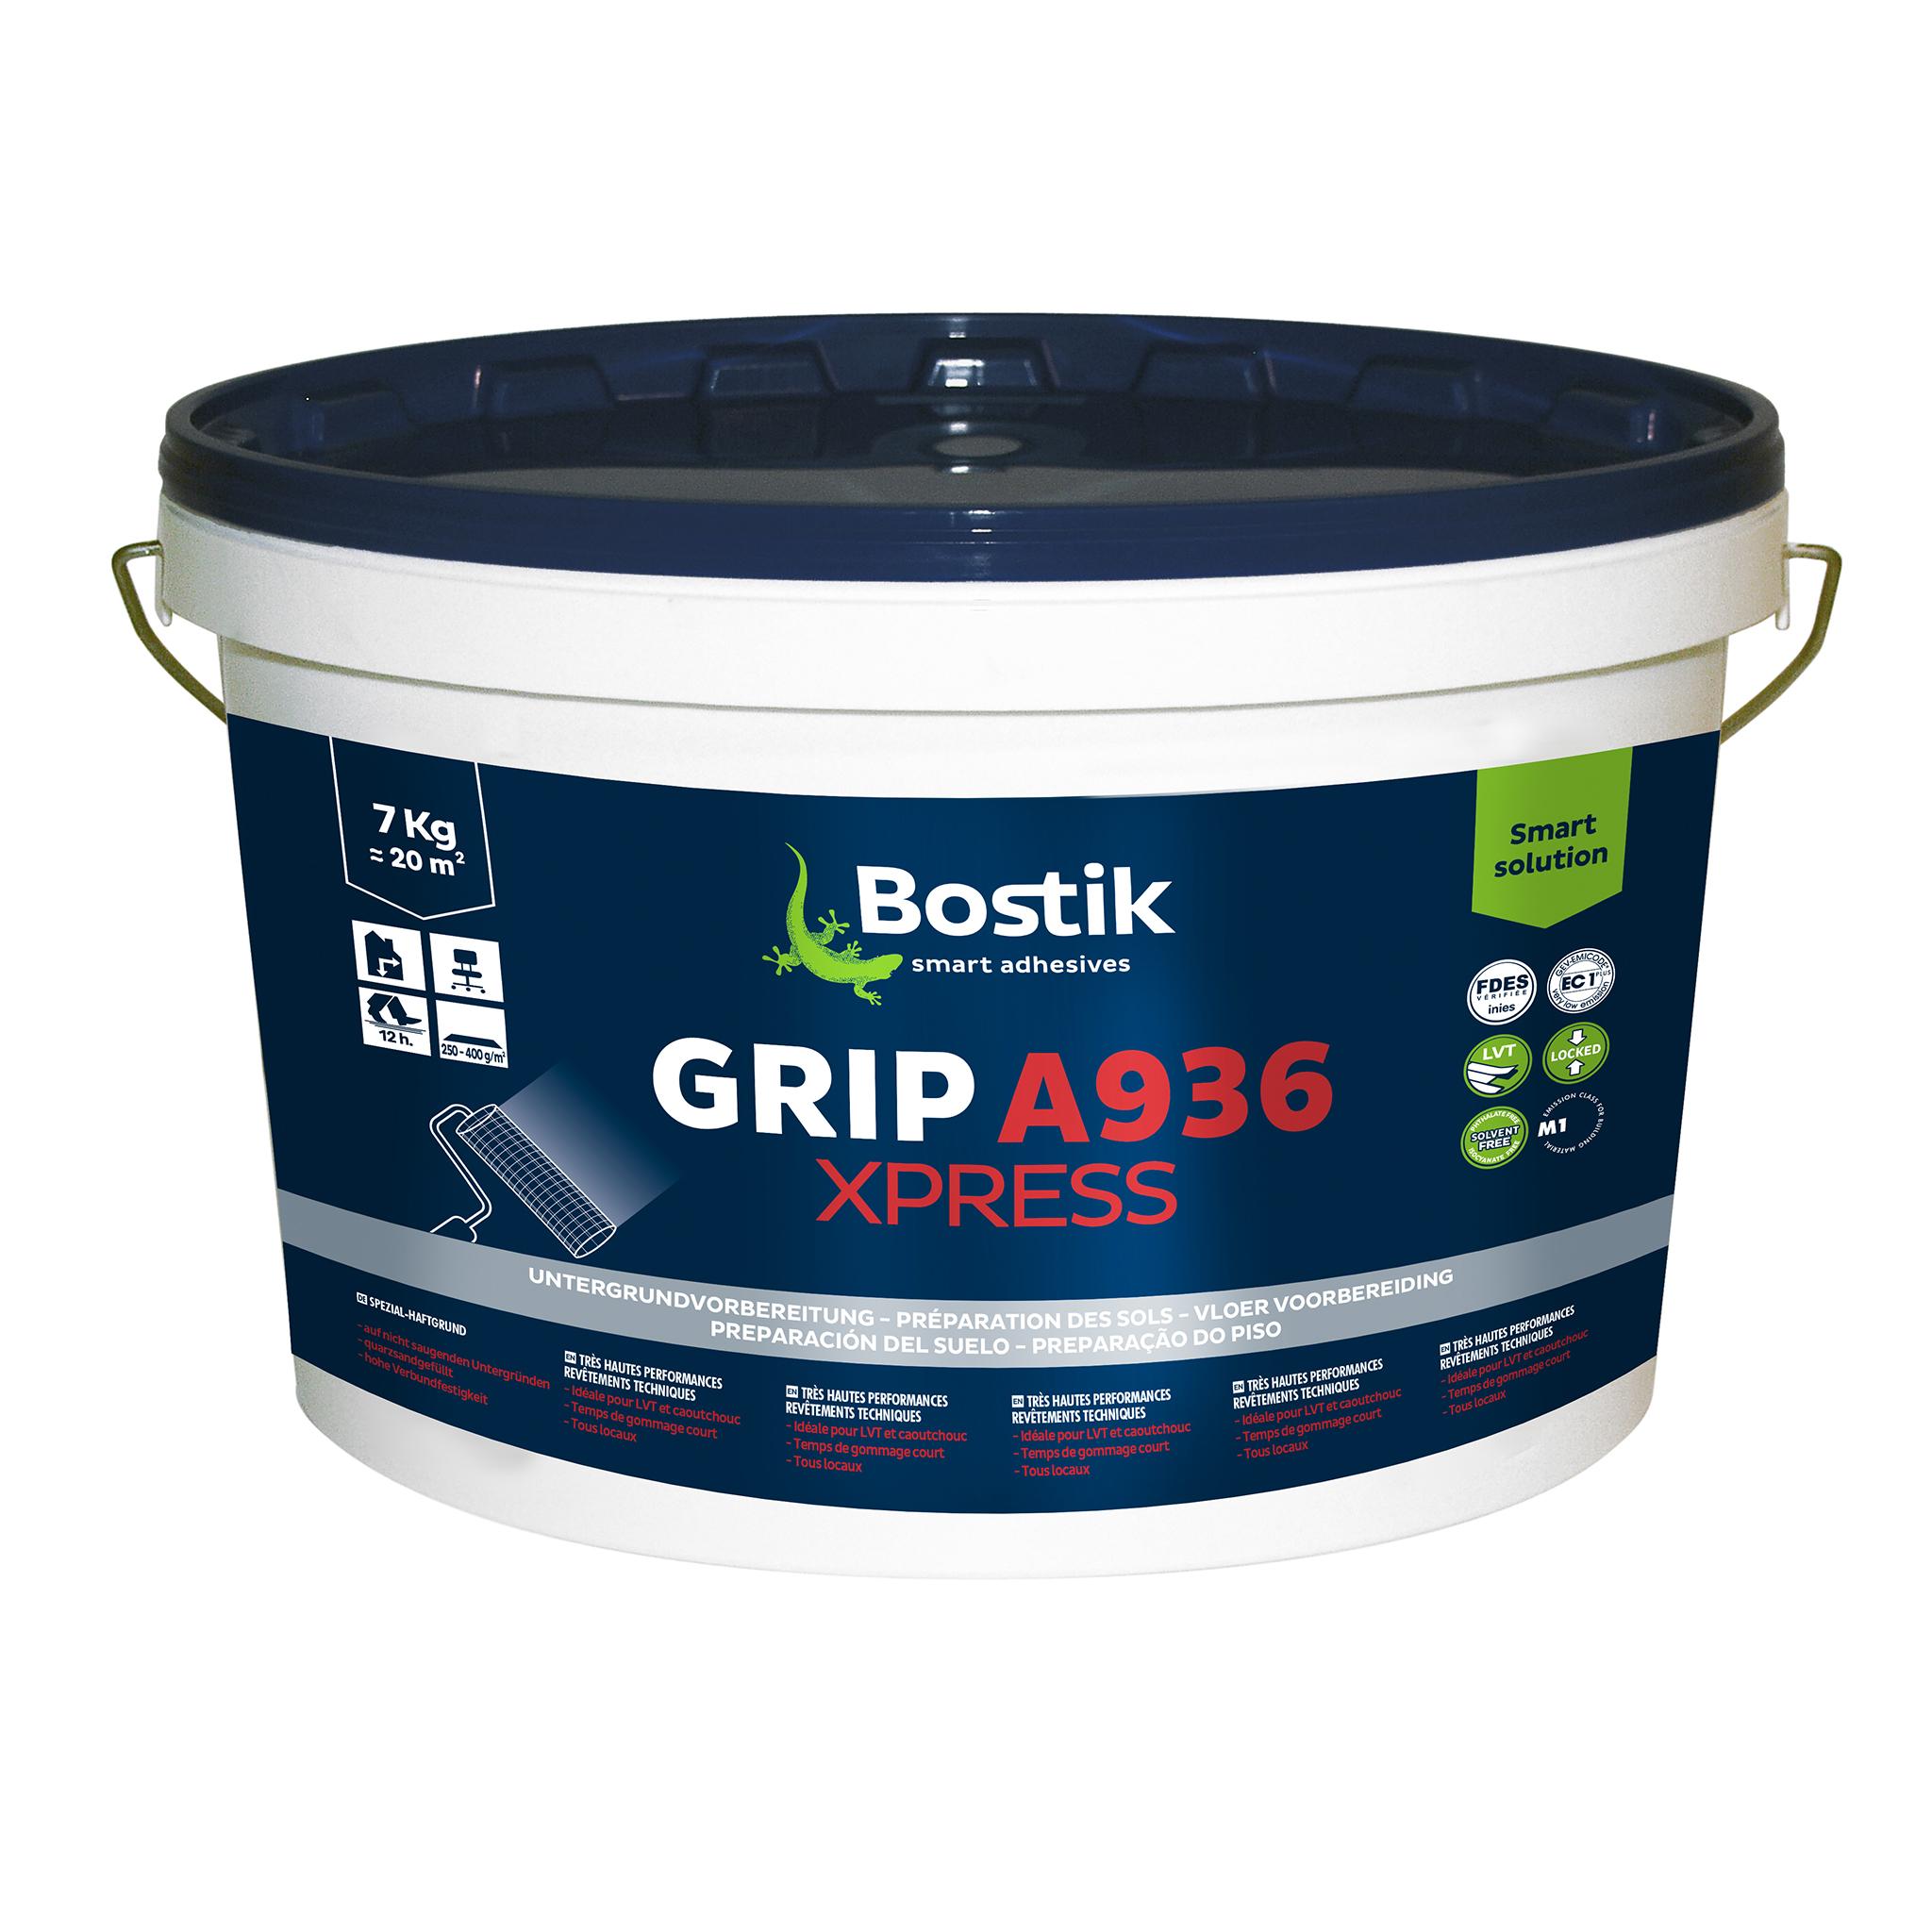 Bostik GRIP A936 XPRESS 7 Kg